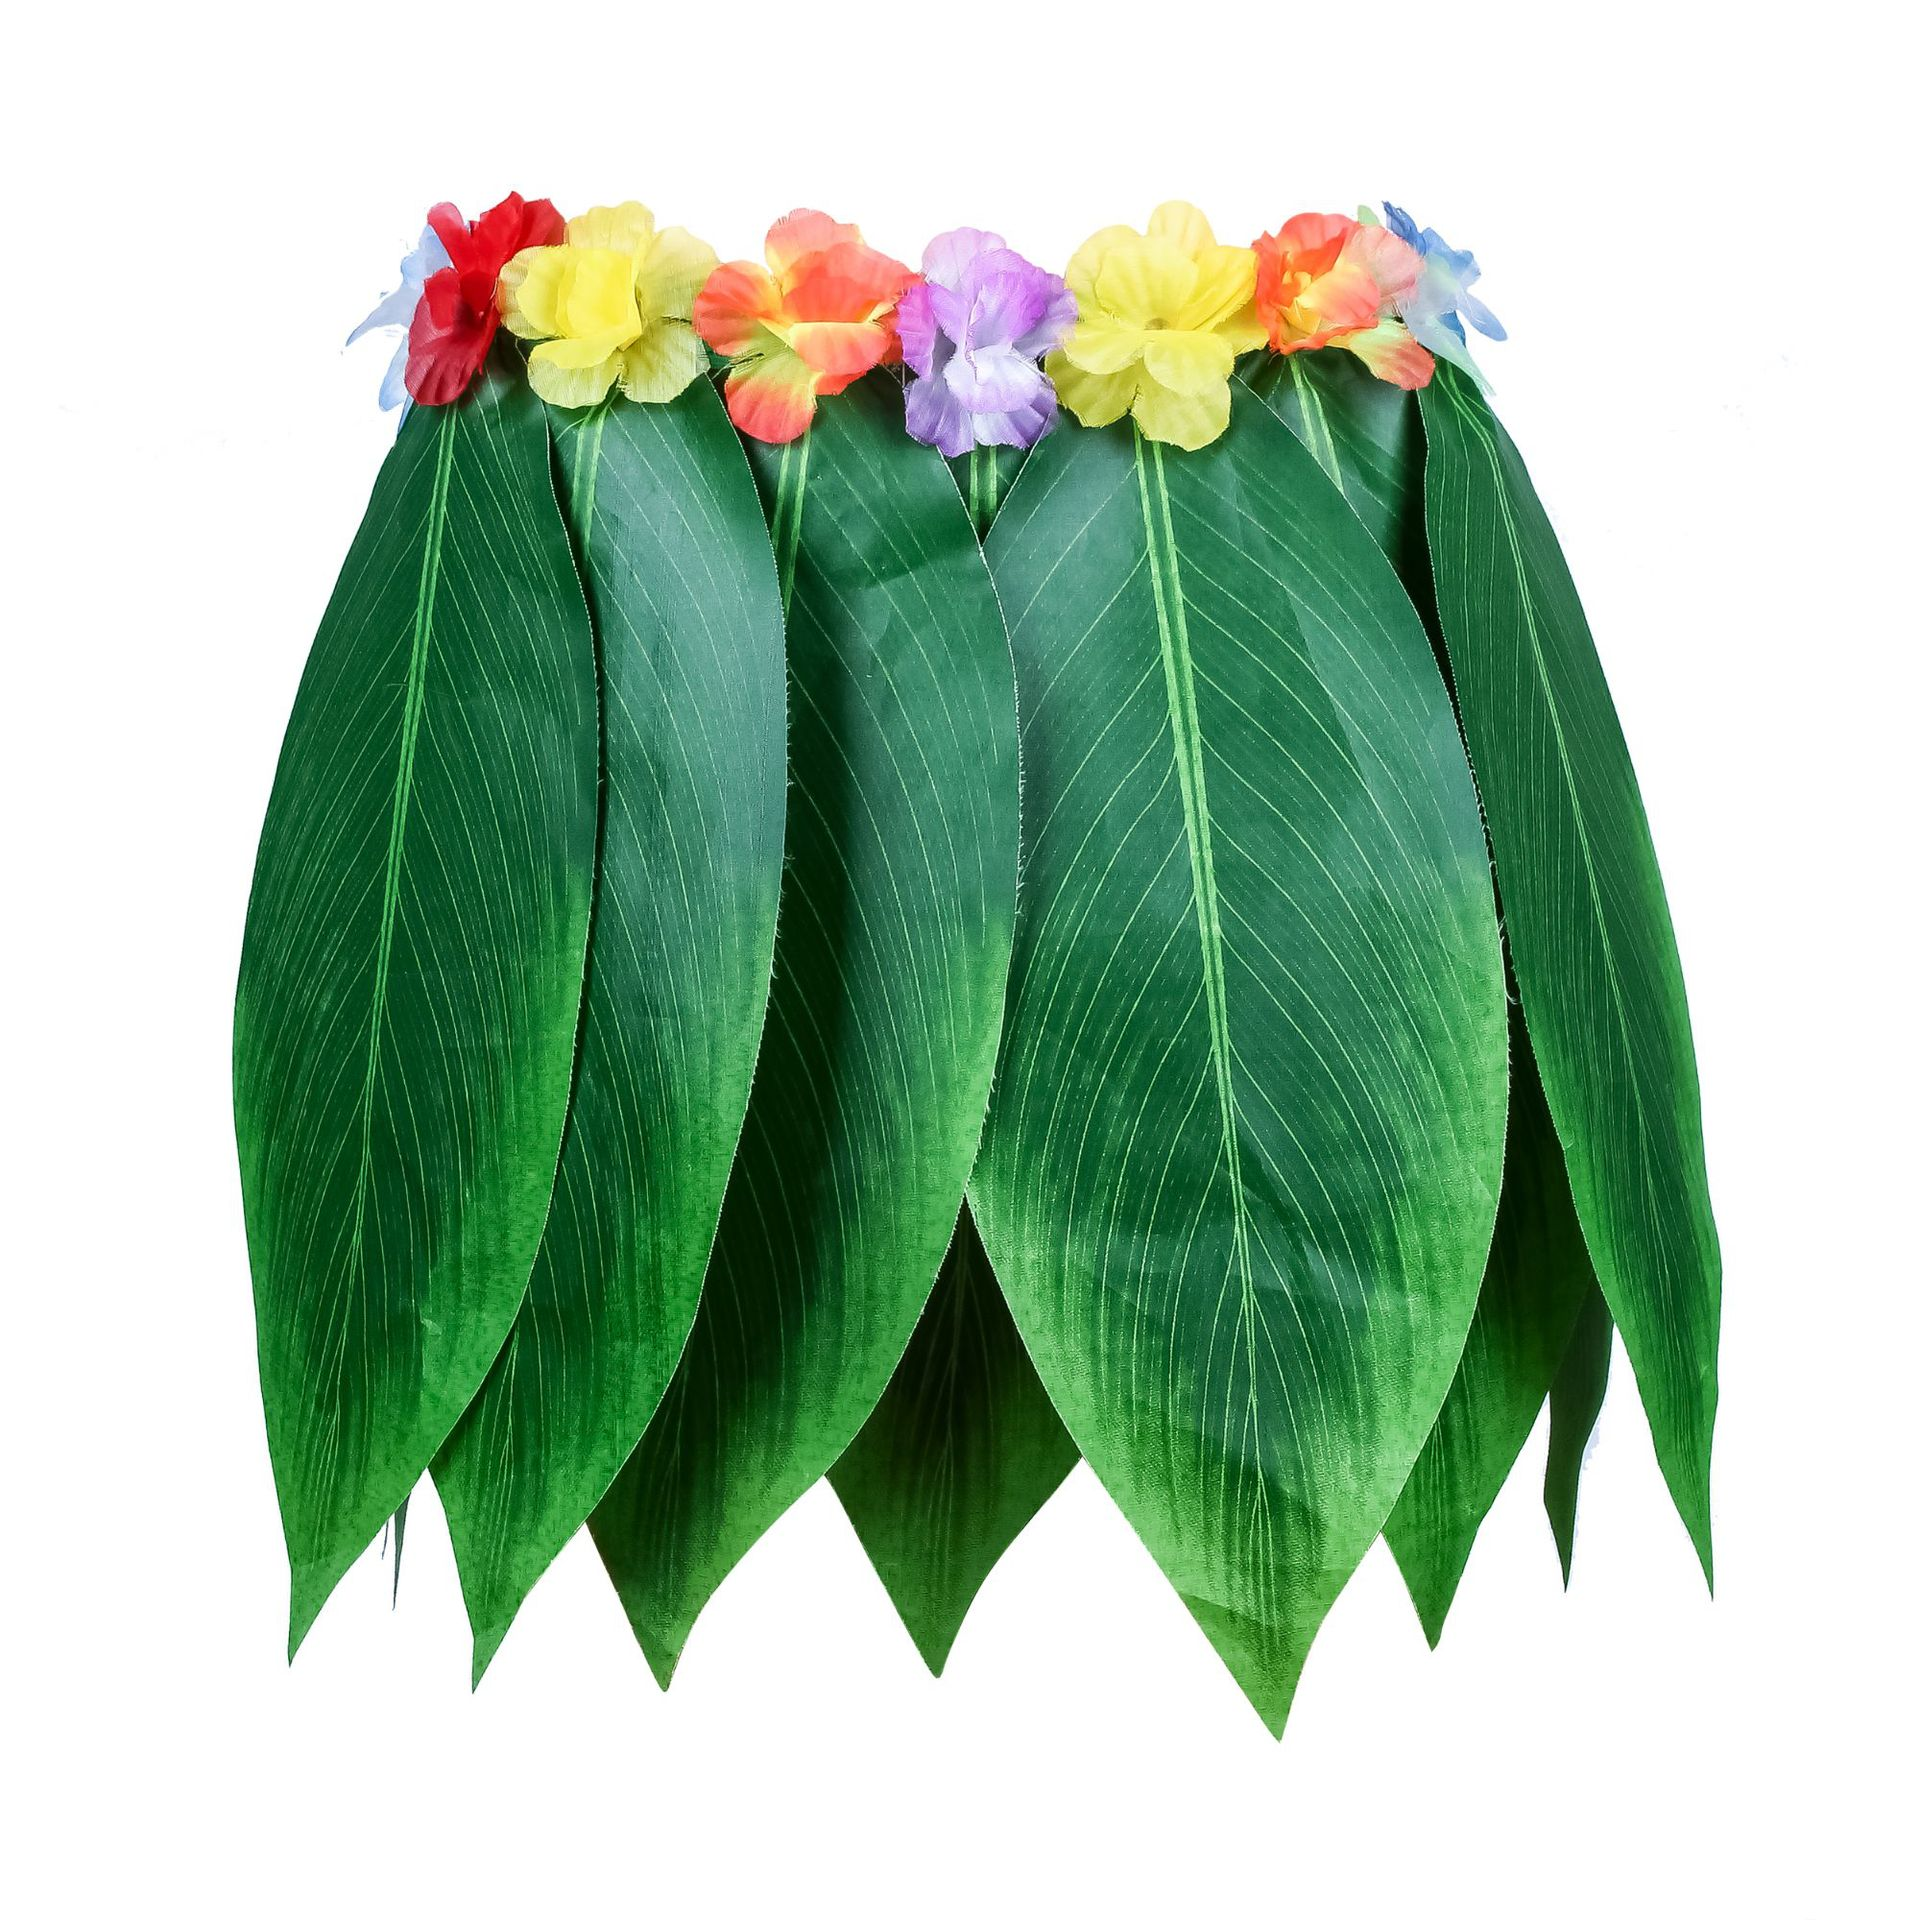 WOMENS LADEIS HAWAIIAN LOUD BEACH ALOHA HEN PARTY FANCY SHIRT GREEN PALM